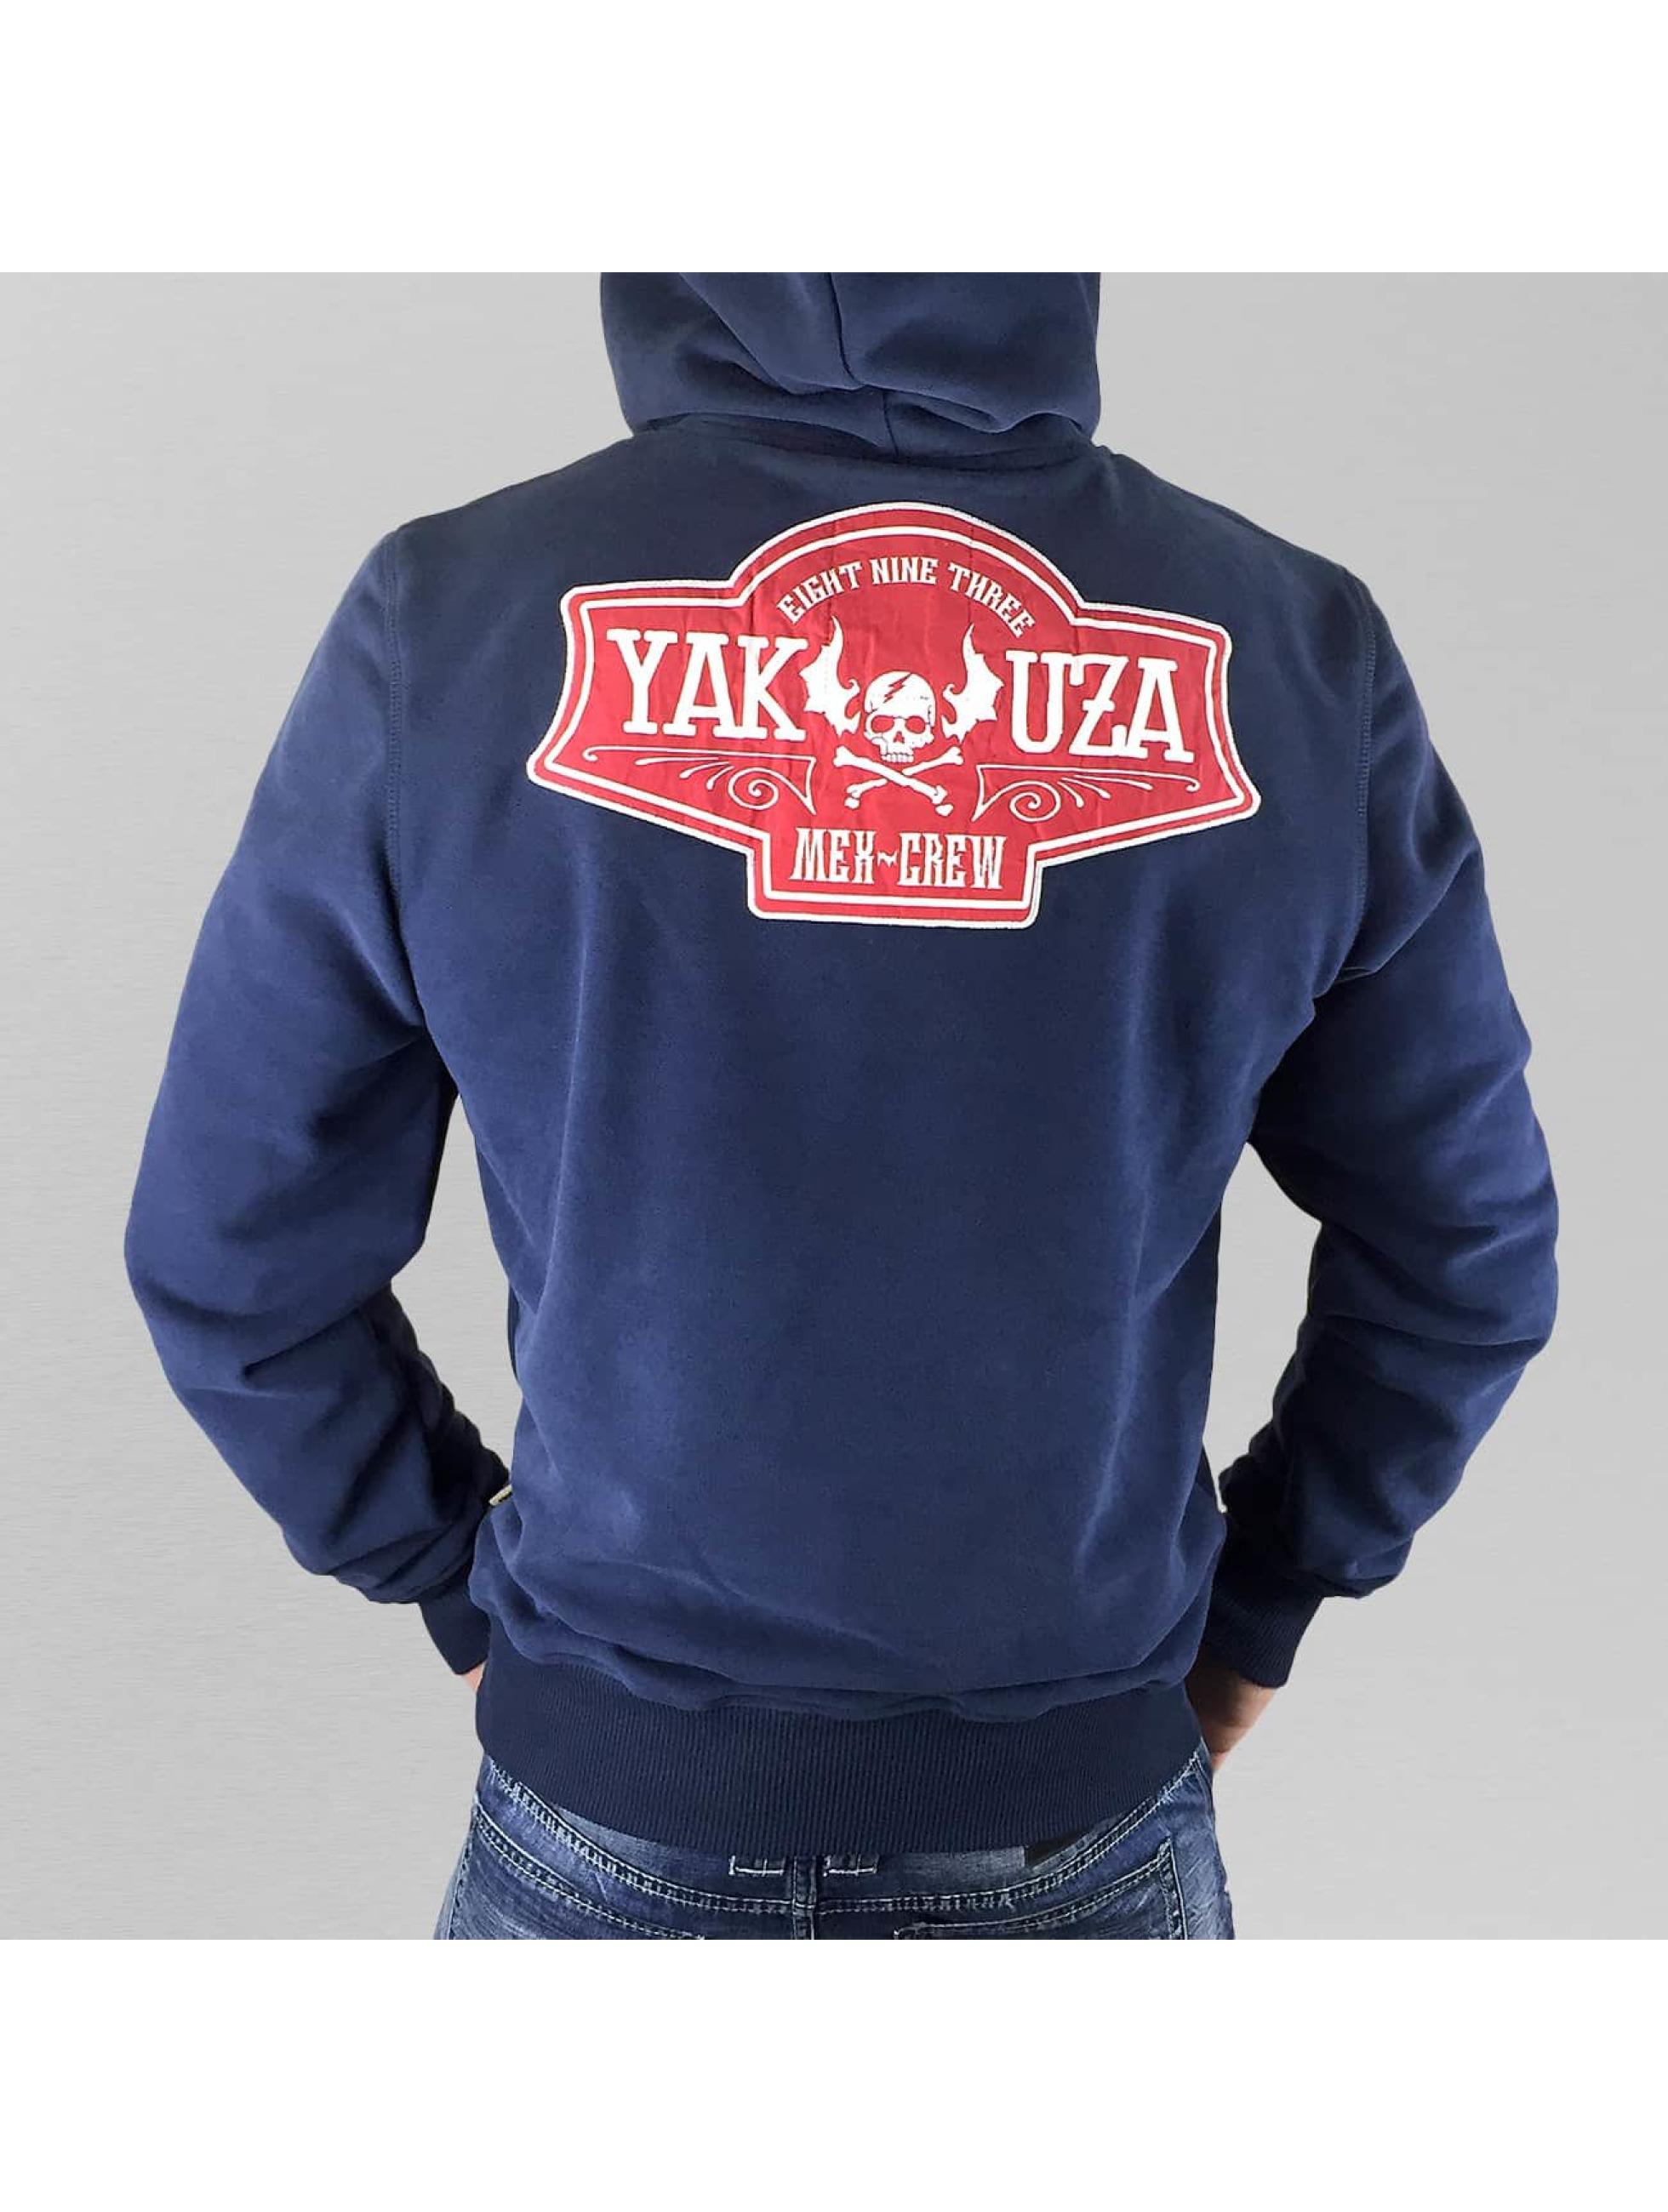 Yakuza Hoodie Mex-Crew VO2 indigo